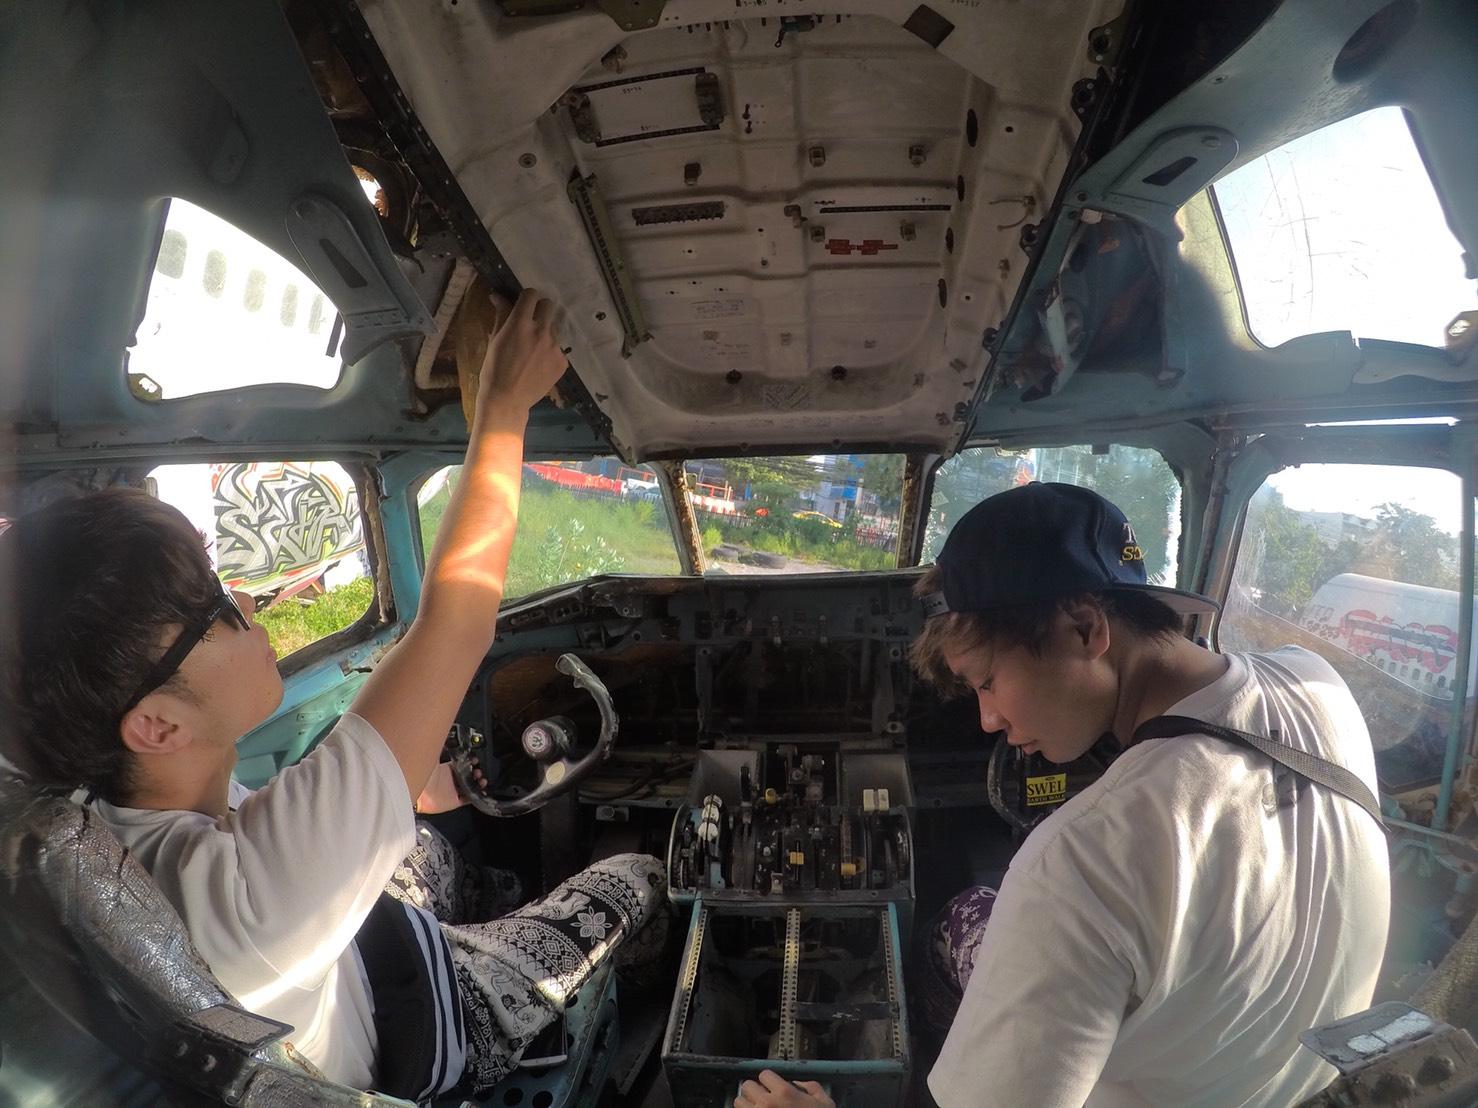 タイの飛行機の墓場